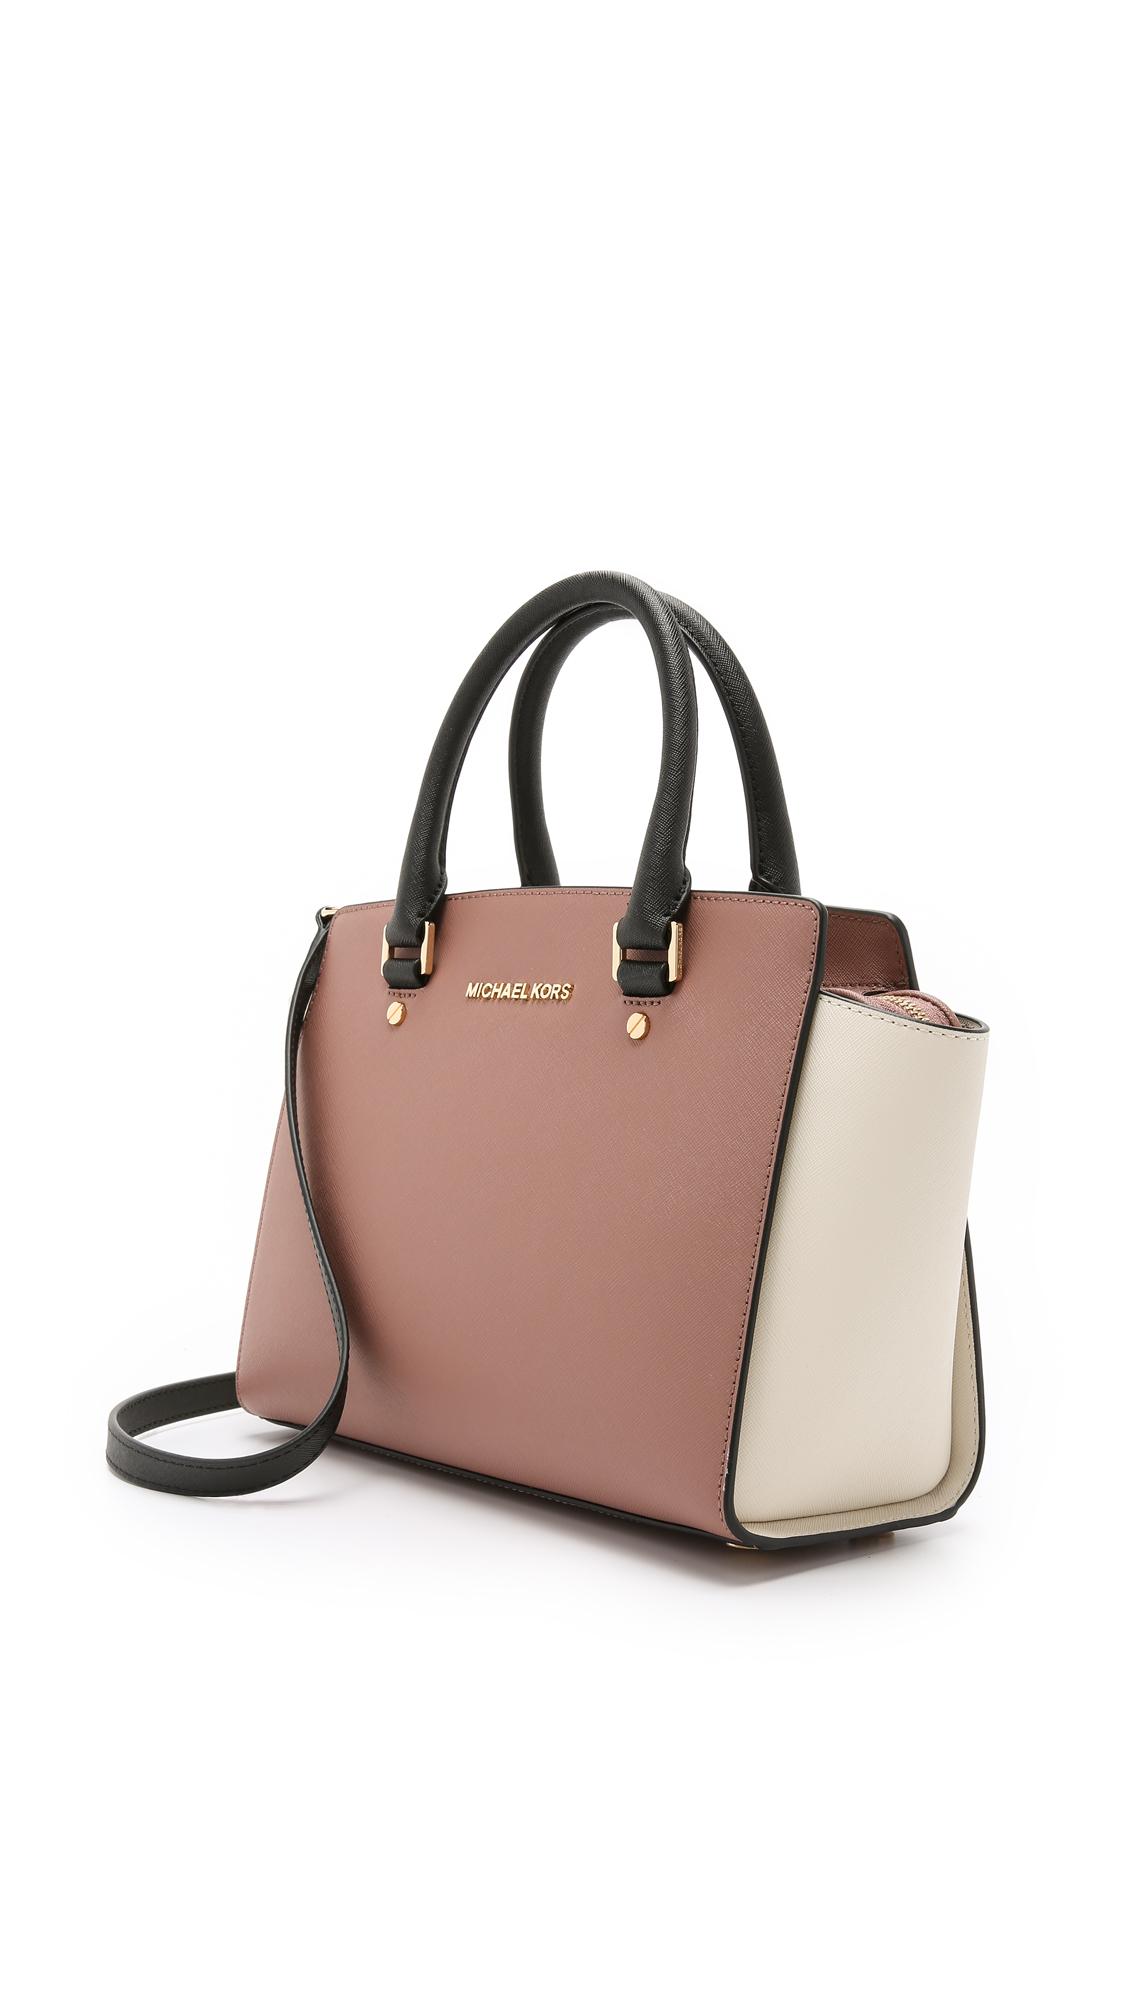 6d88da82a029 ... new arrivals lyst michael michael kors selma medium color blocked  satchel in pink 1253c 87130